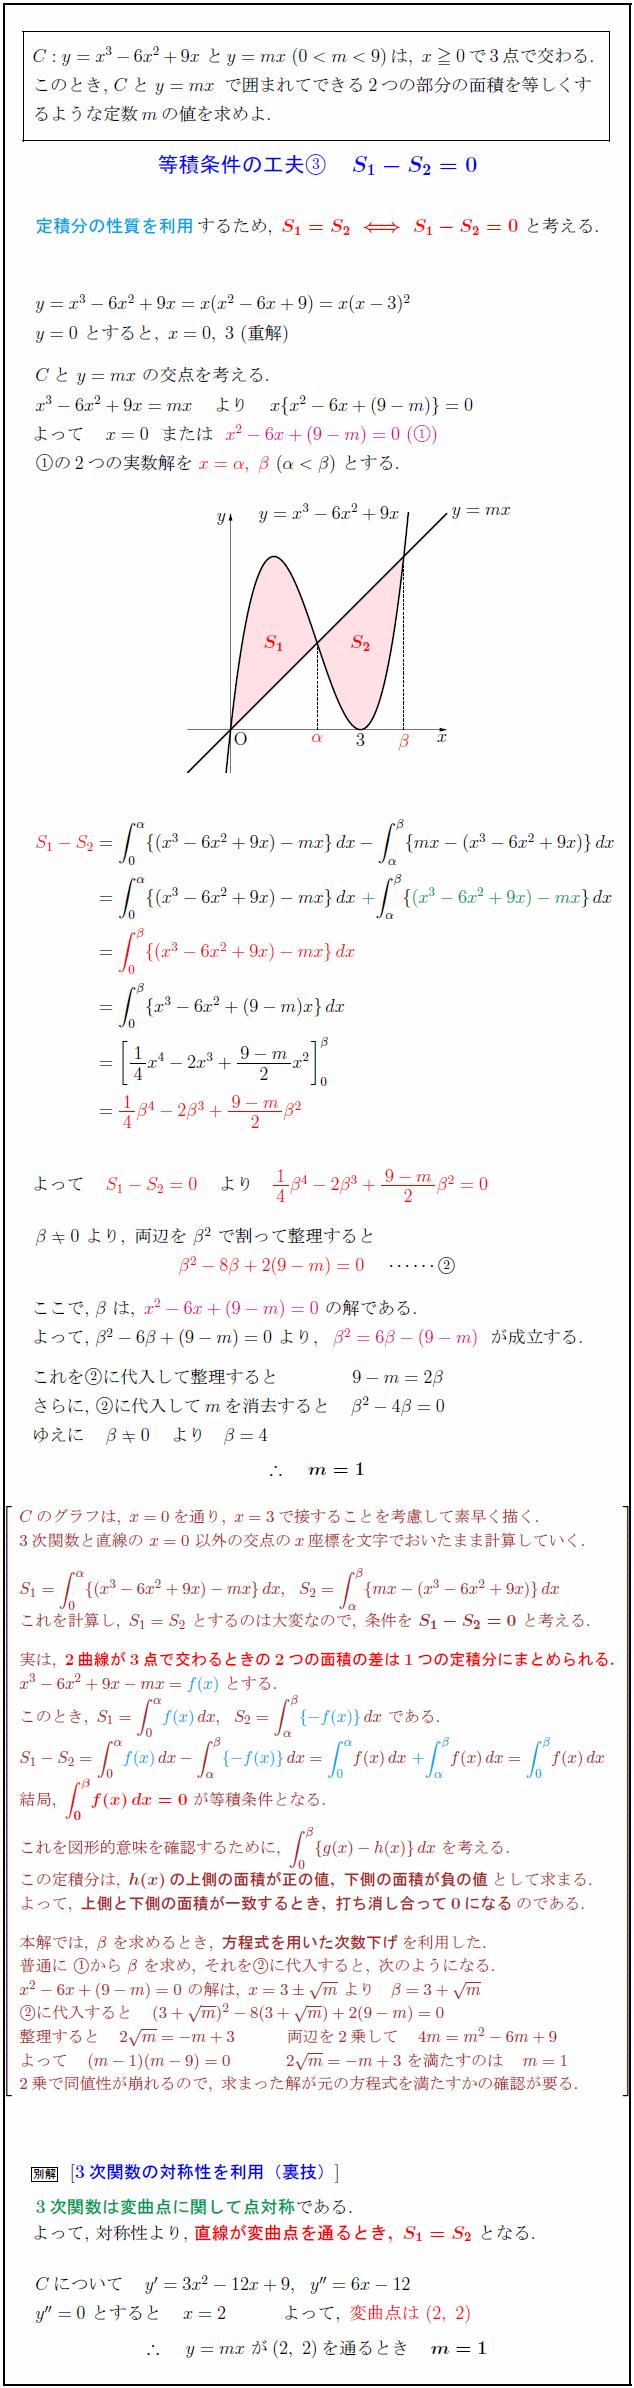 isometric-condition3